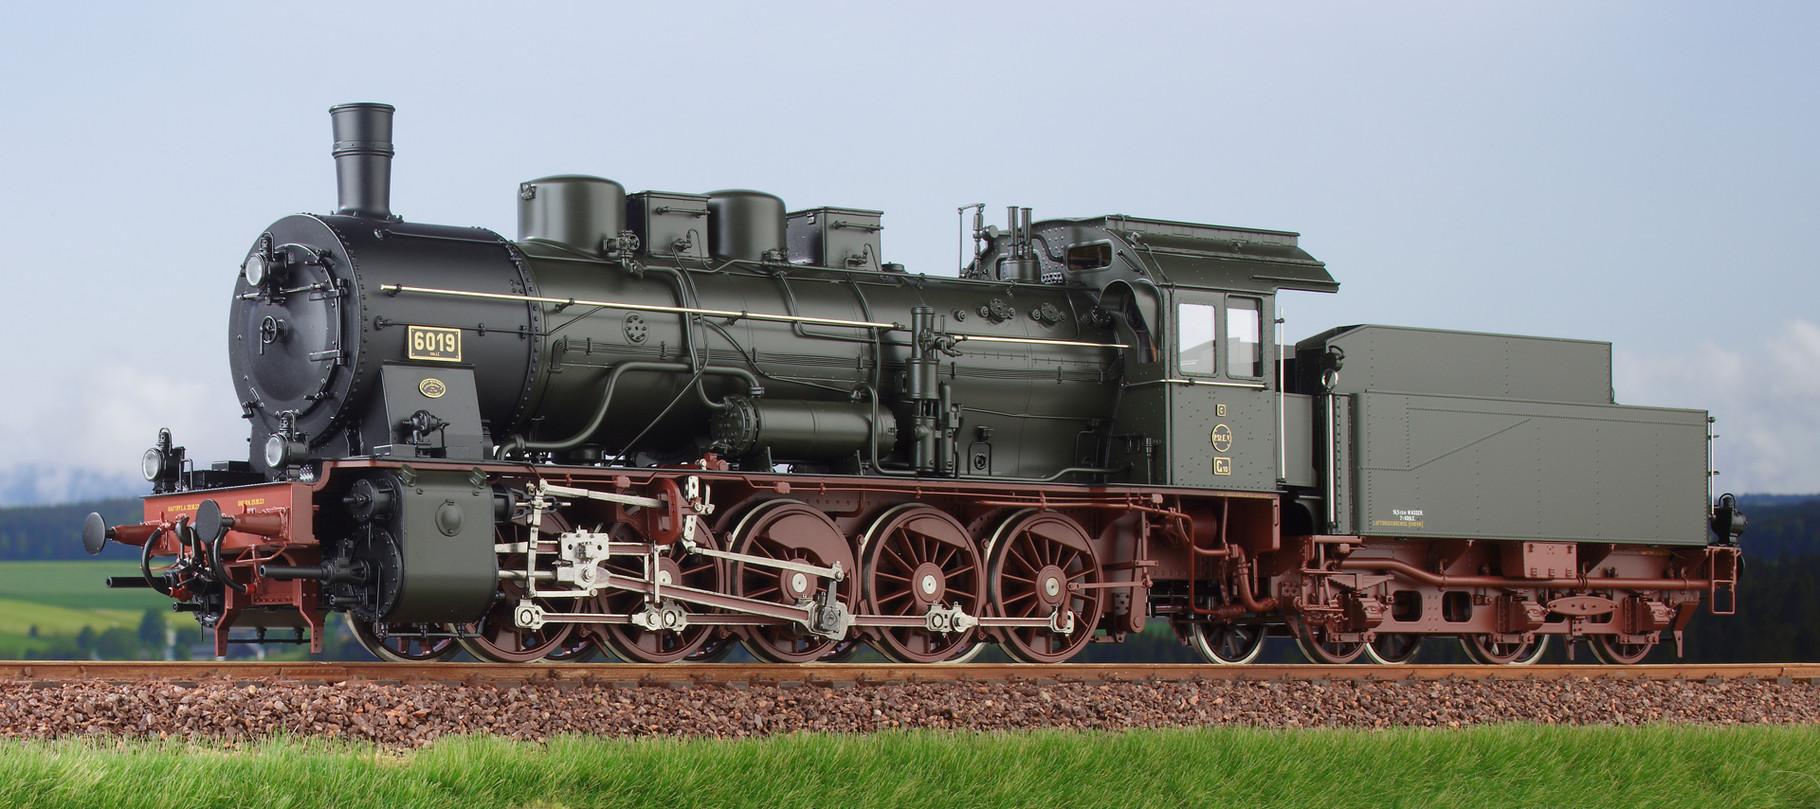 Spur 0 Baureihe 57.10 preussische G10 Lokomotive Nr. 6019 Halle Epoche I